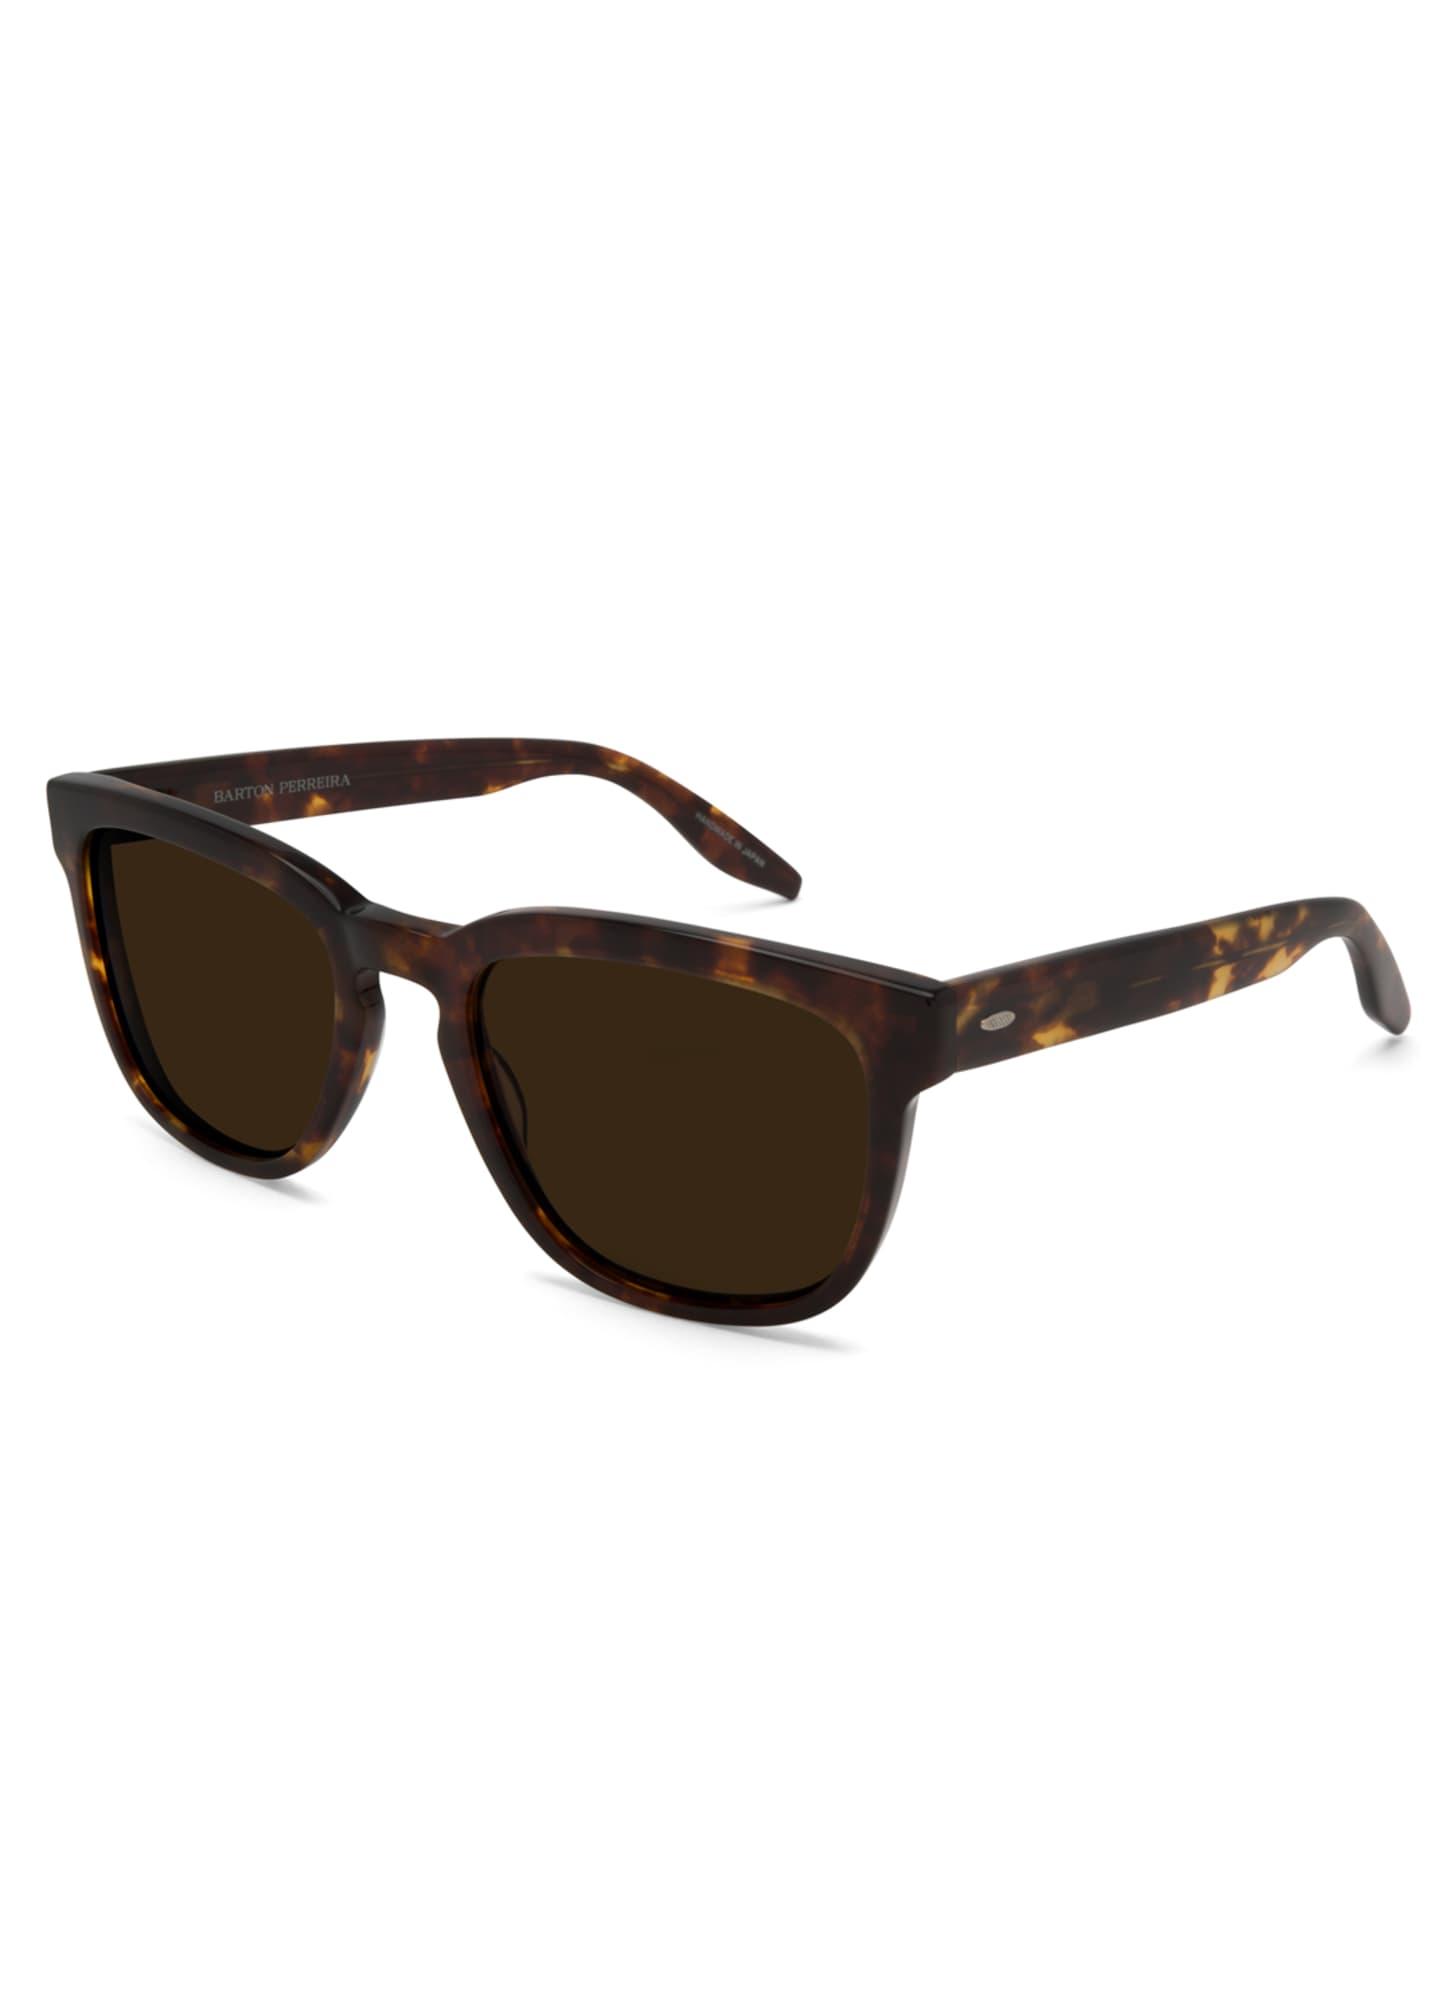 Barton Perreira Coltrane Square Tortoiseshell Sunglasses